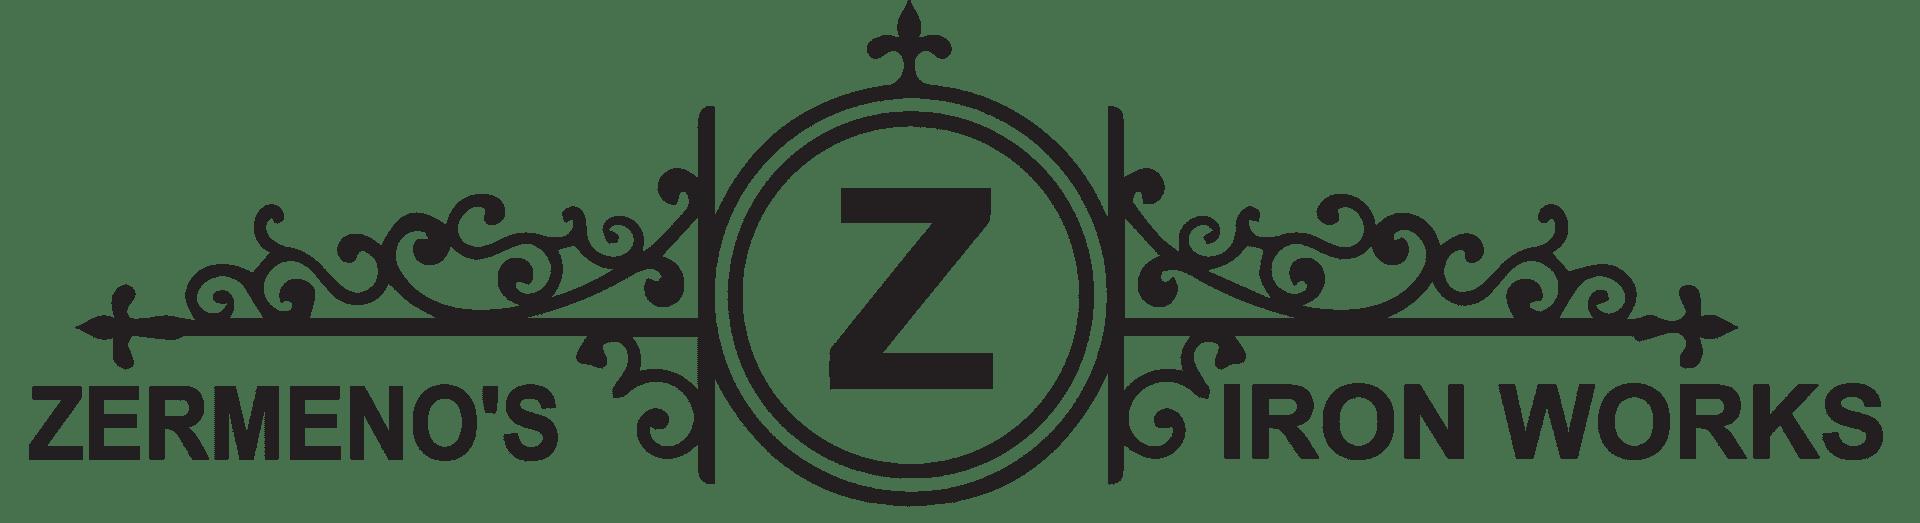 zerminologopng